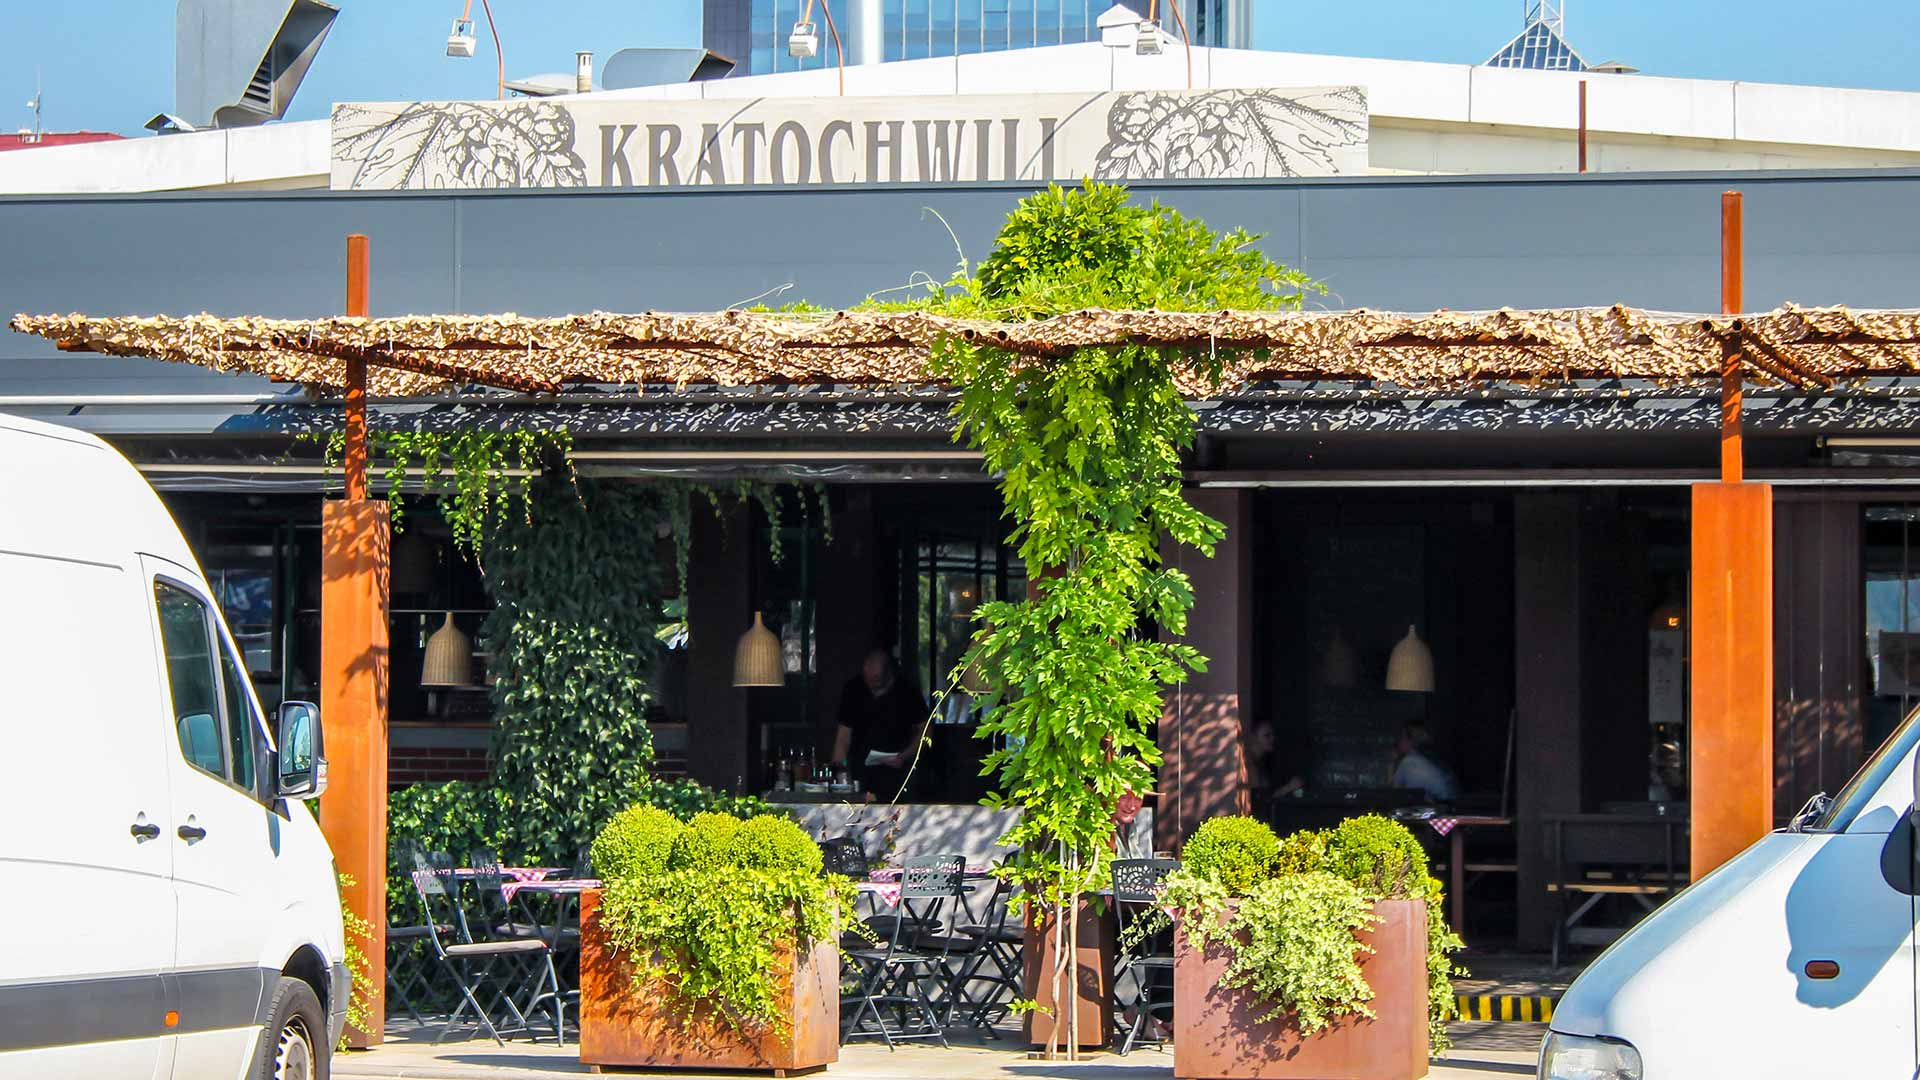 Kratochwill, gostilna, picerija in pivovarna